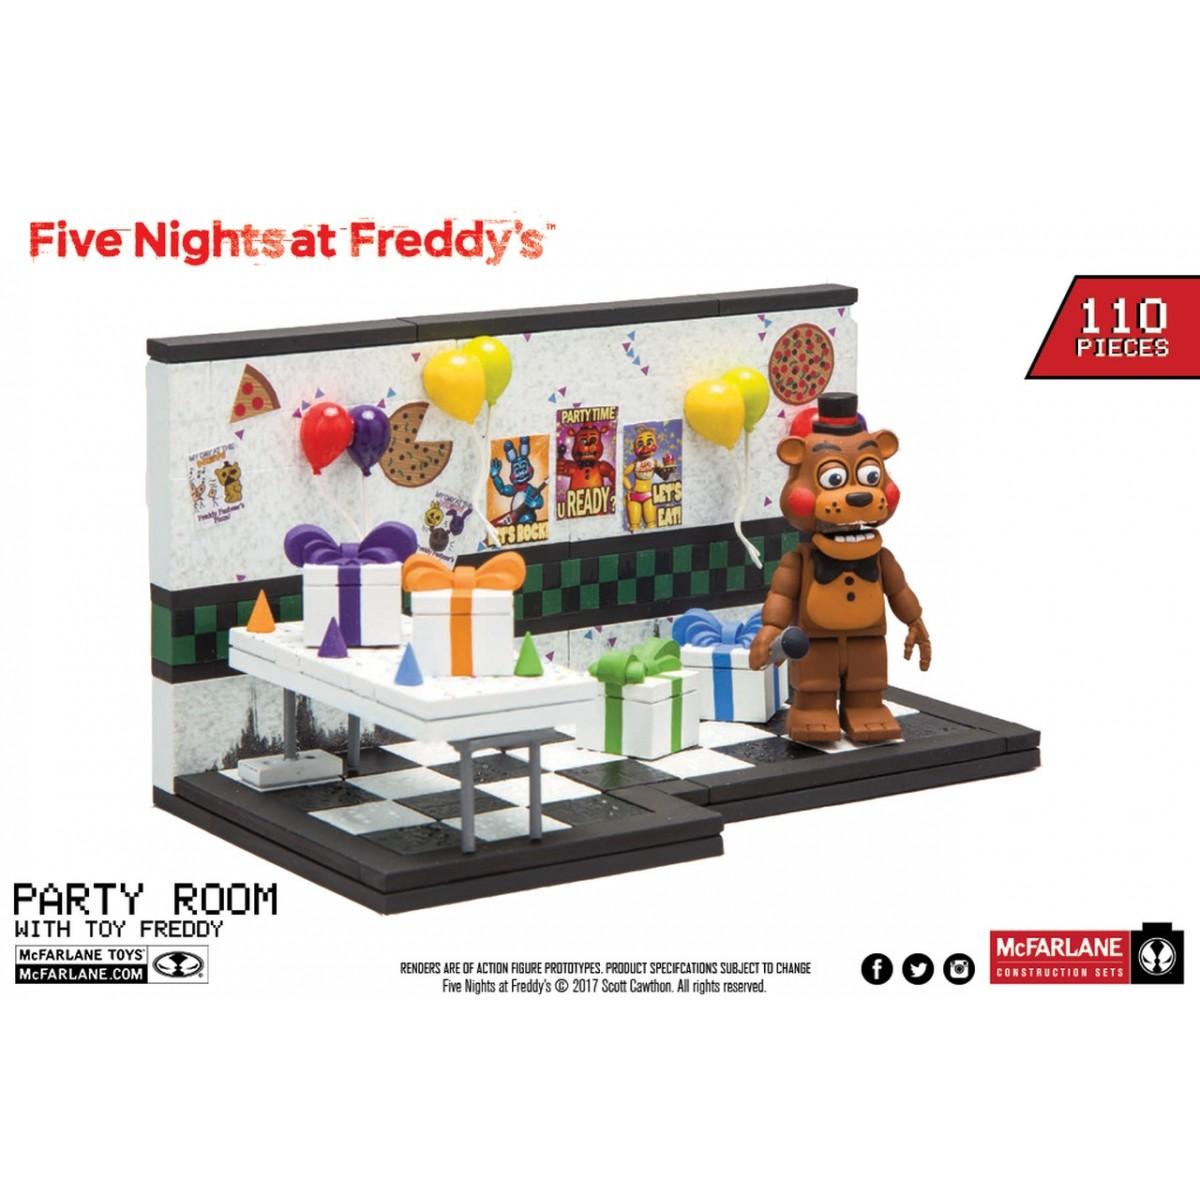 Cenário (Small Construction Set) Party Room: Five Nights at Freddy's com 110 Peças (FNAF) - Mcfarlane Toys